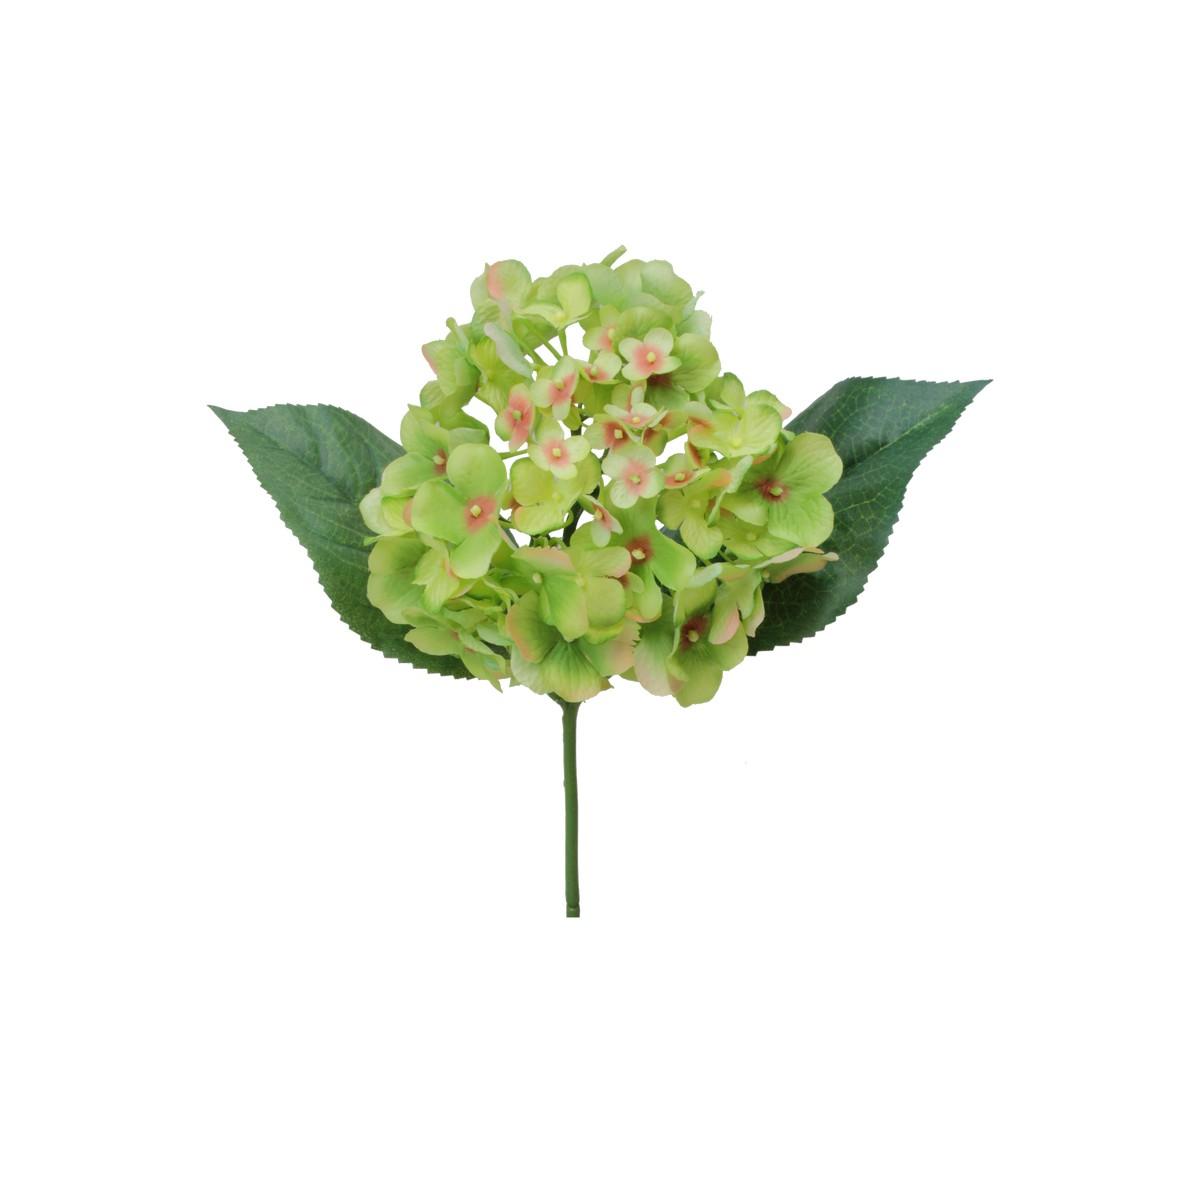 【造花】パレ/ハイドランジアピック グリーン/P-8284-60 造花 バラ【01】【取寄】[12本]